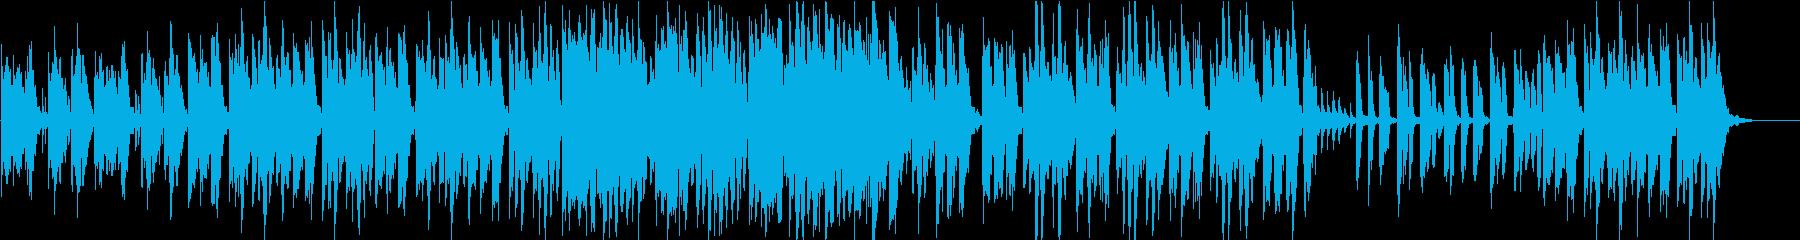 マーチ/コミカル/ゲーム/リコーダーの再生済みの波形